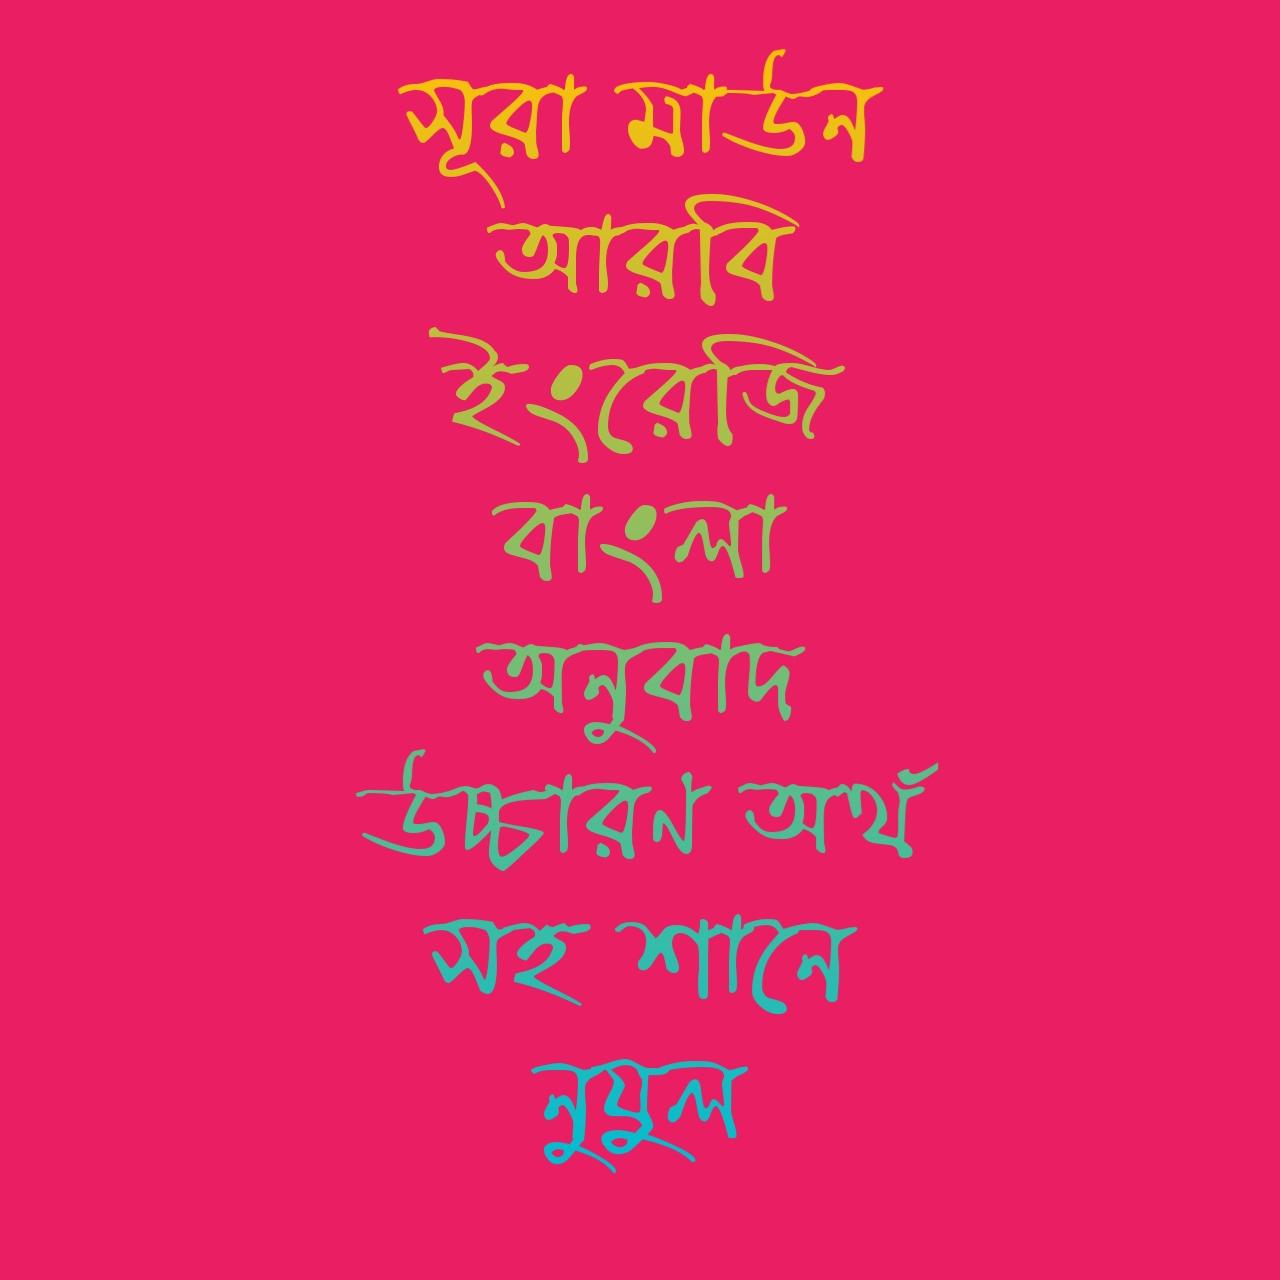 সূরা মাউন আরবি ইংরেজি বাংলা অনুবাদ উচ্চারণ অর্থ সহ শানে নুযুল Nujul with Surah Muan Arabic English Bengali Translation |